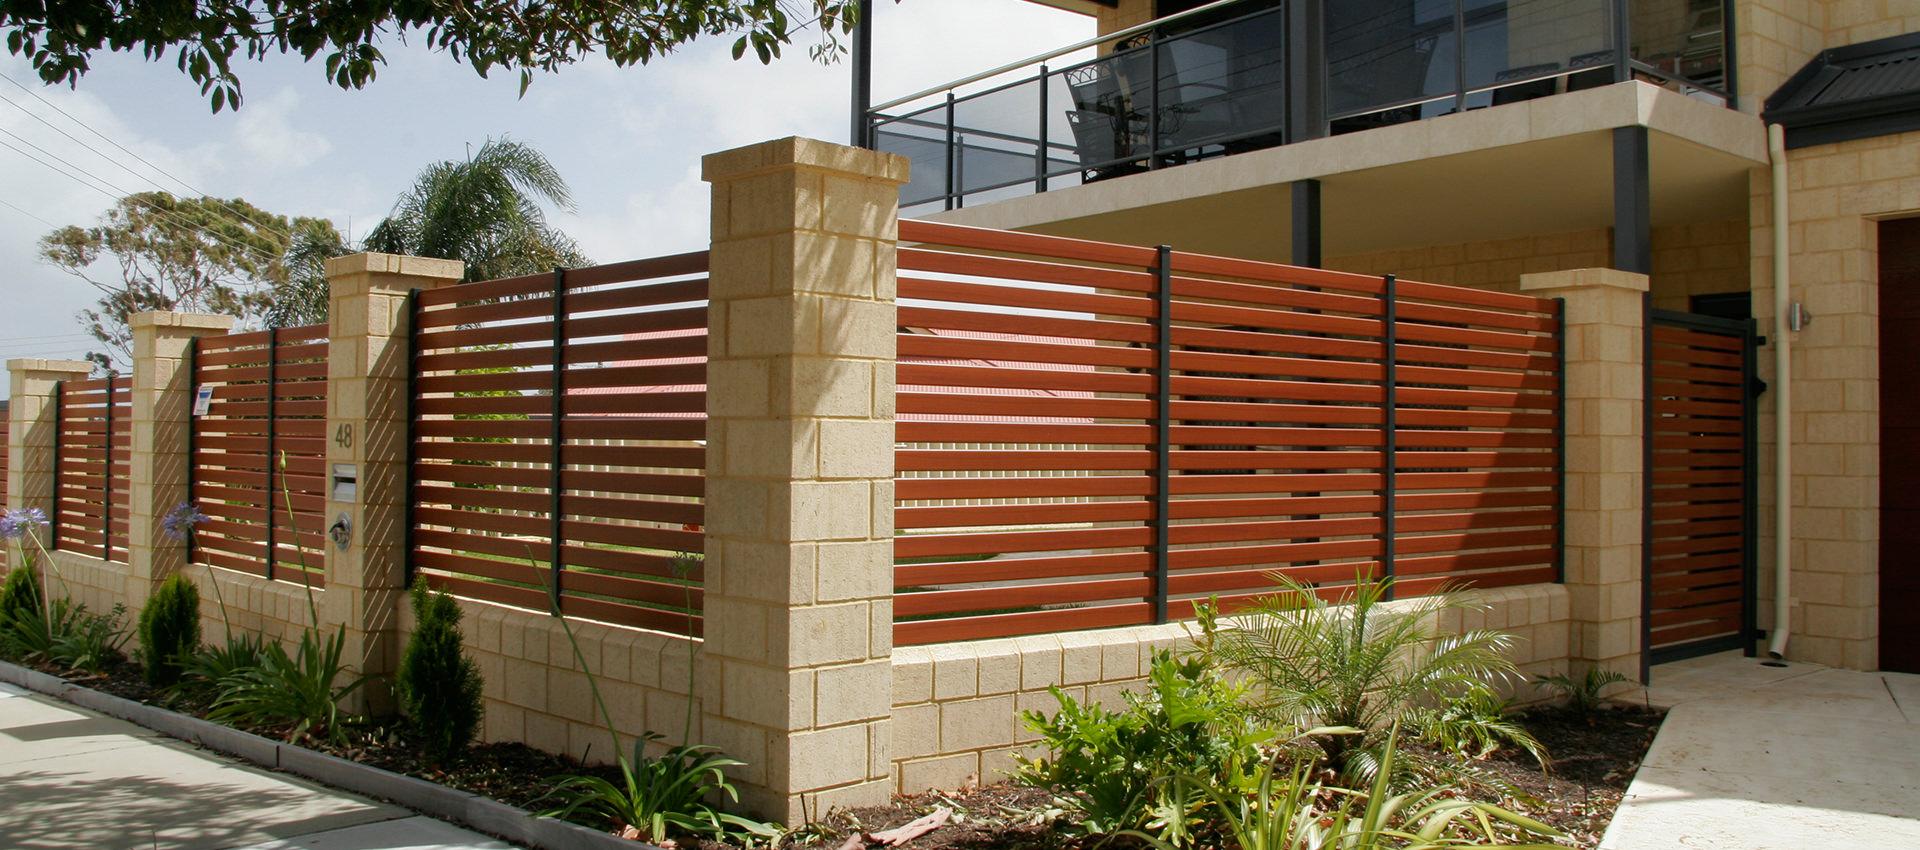 Aluminium Fencing Slat Shade Blinds Perth